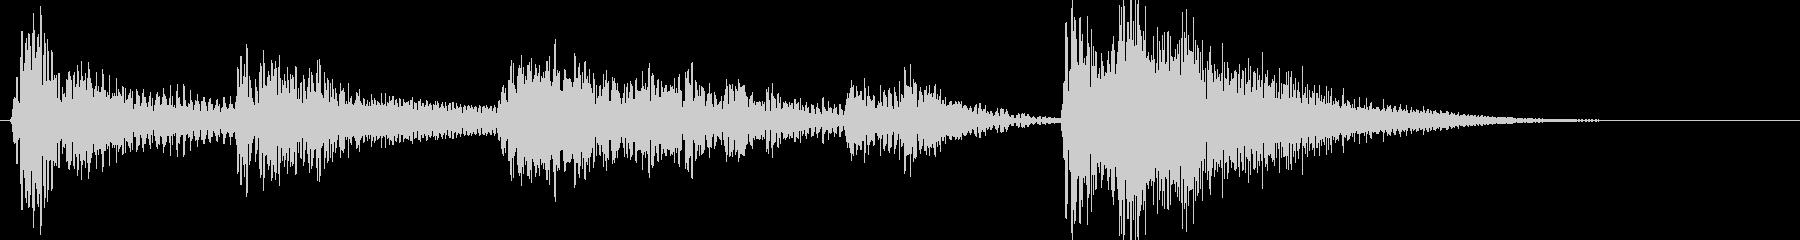 ジャズなアイキャッチ(ベース)の未再生の波形